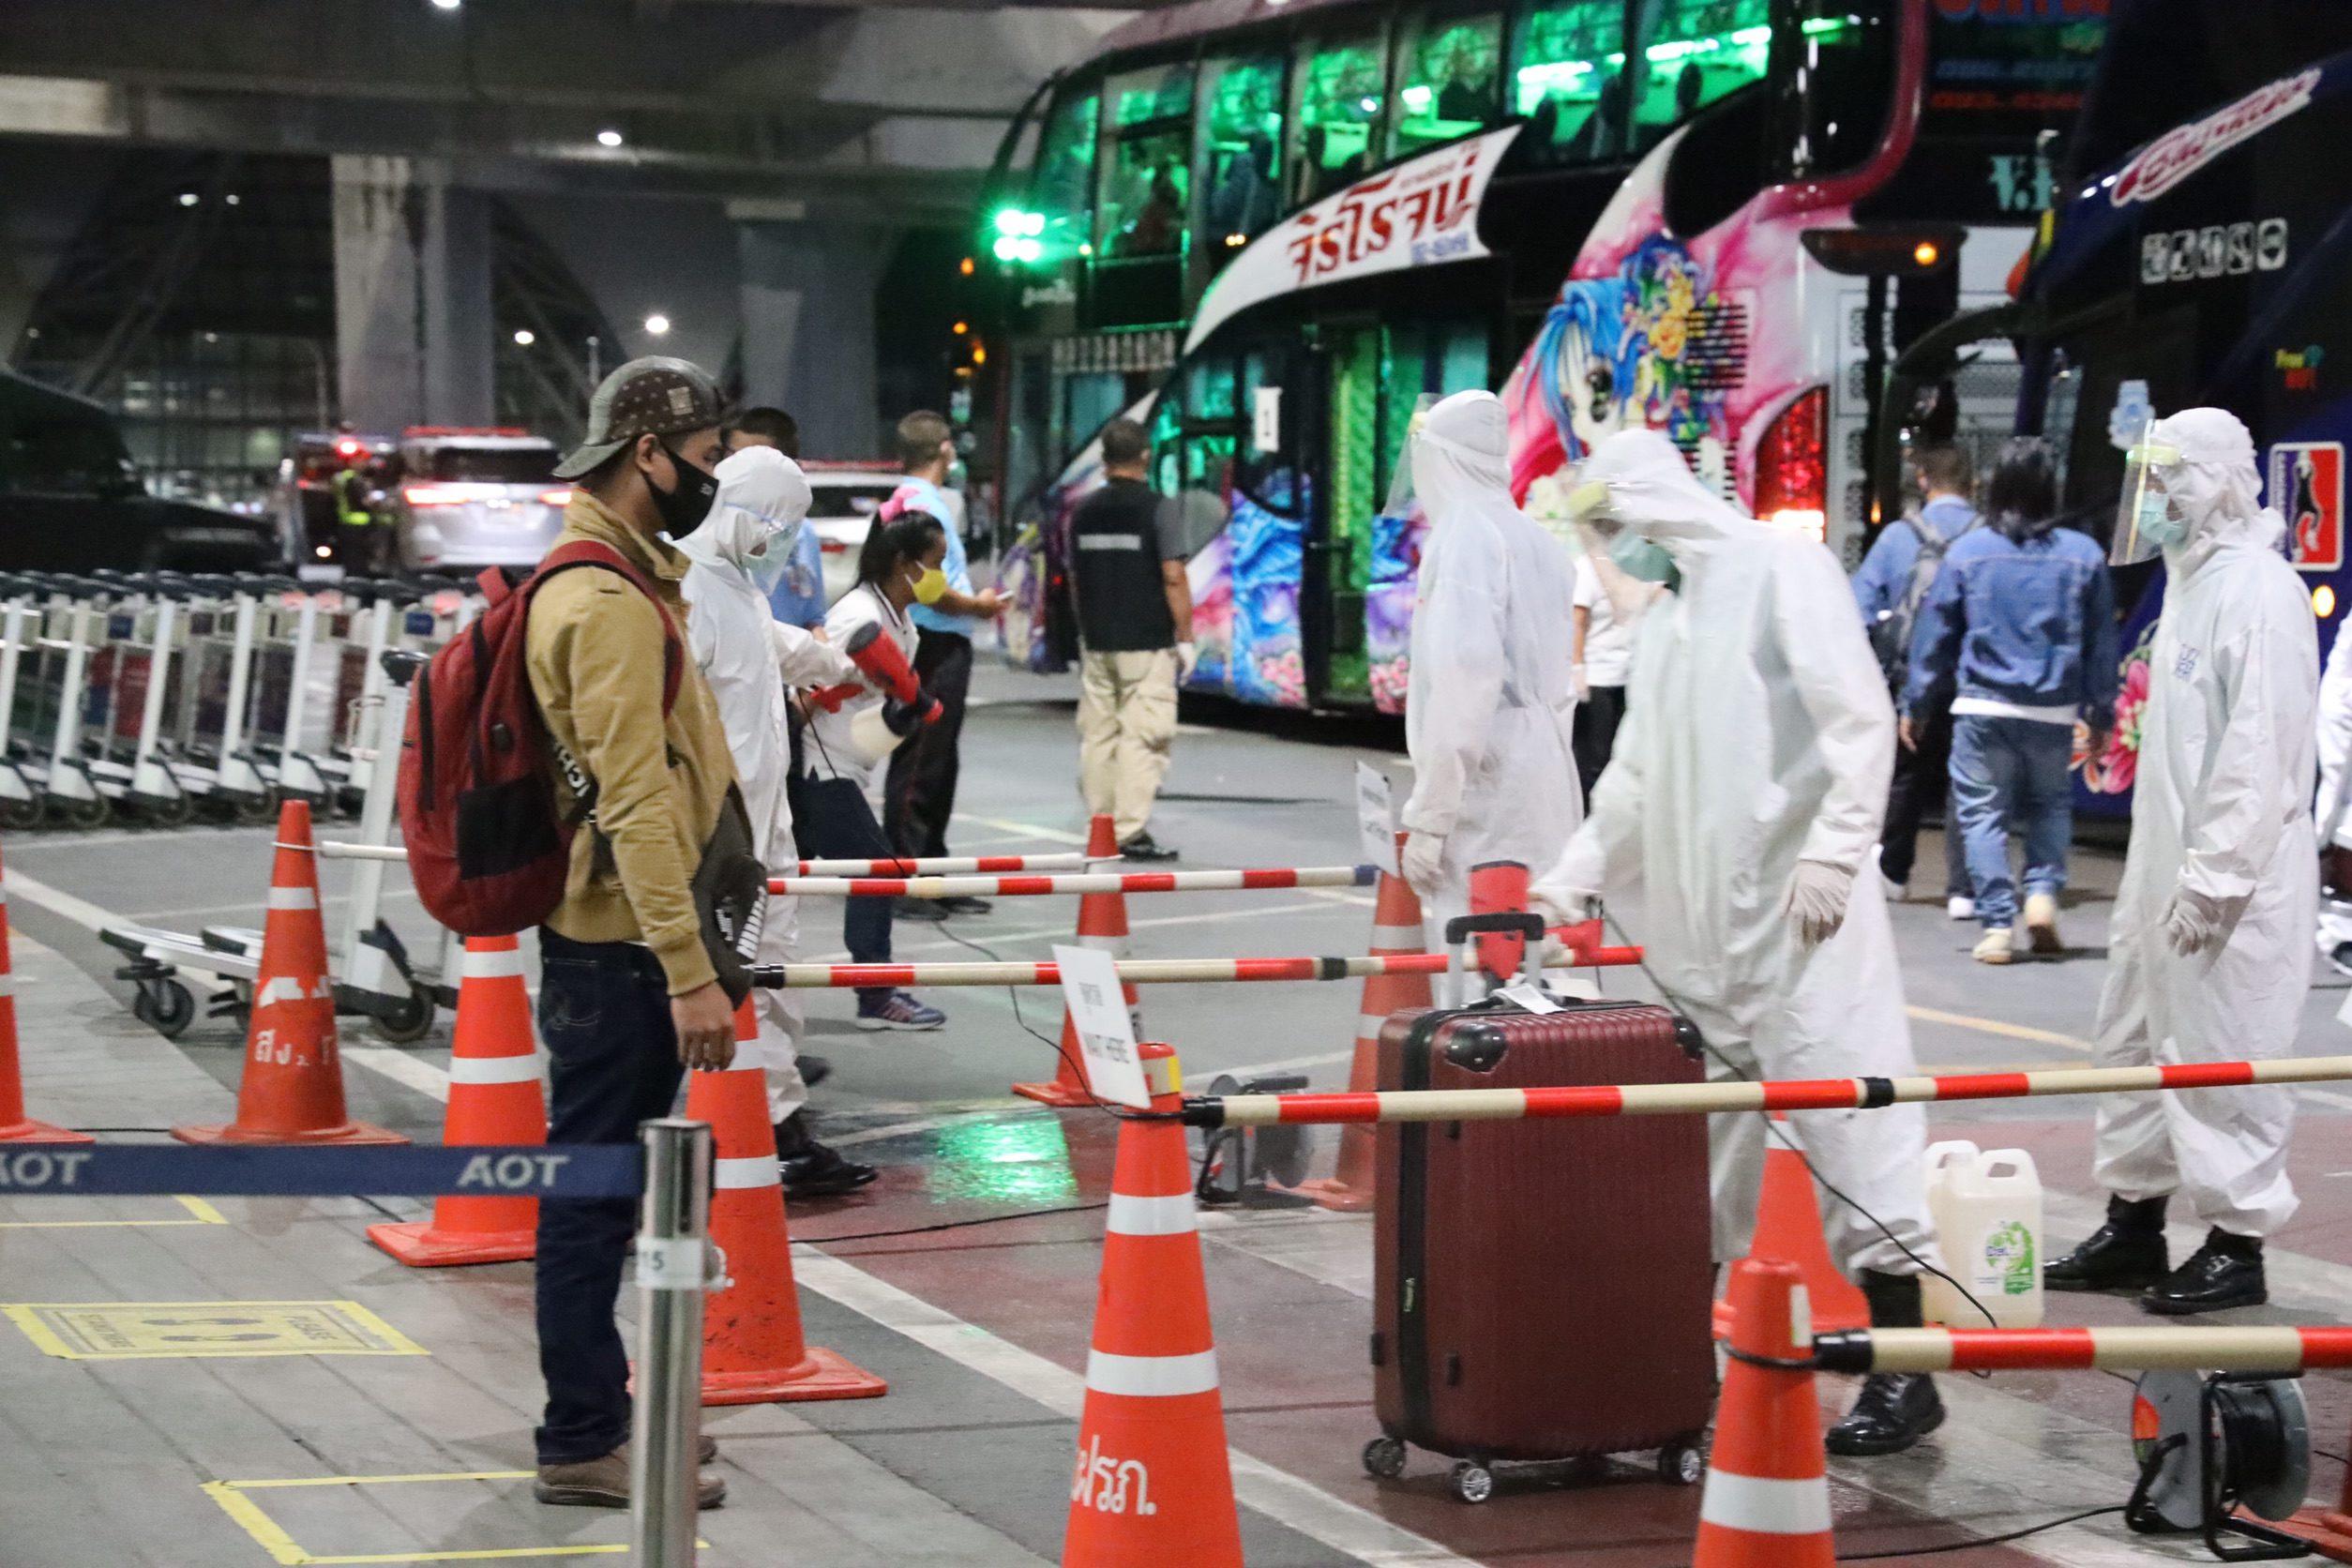 แรงงานไทยจากอุซเบกิสถานถึงไทย ขอบคุณรัฐบาลช่วยพ้นวิกฤตโควิด-19 ถึงบ้านปลอดภัย